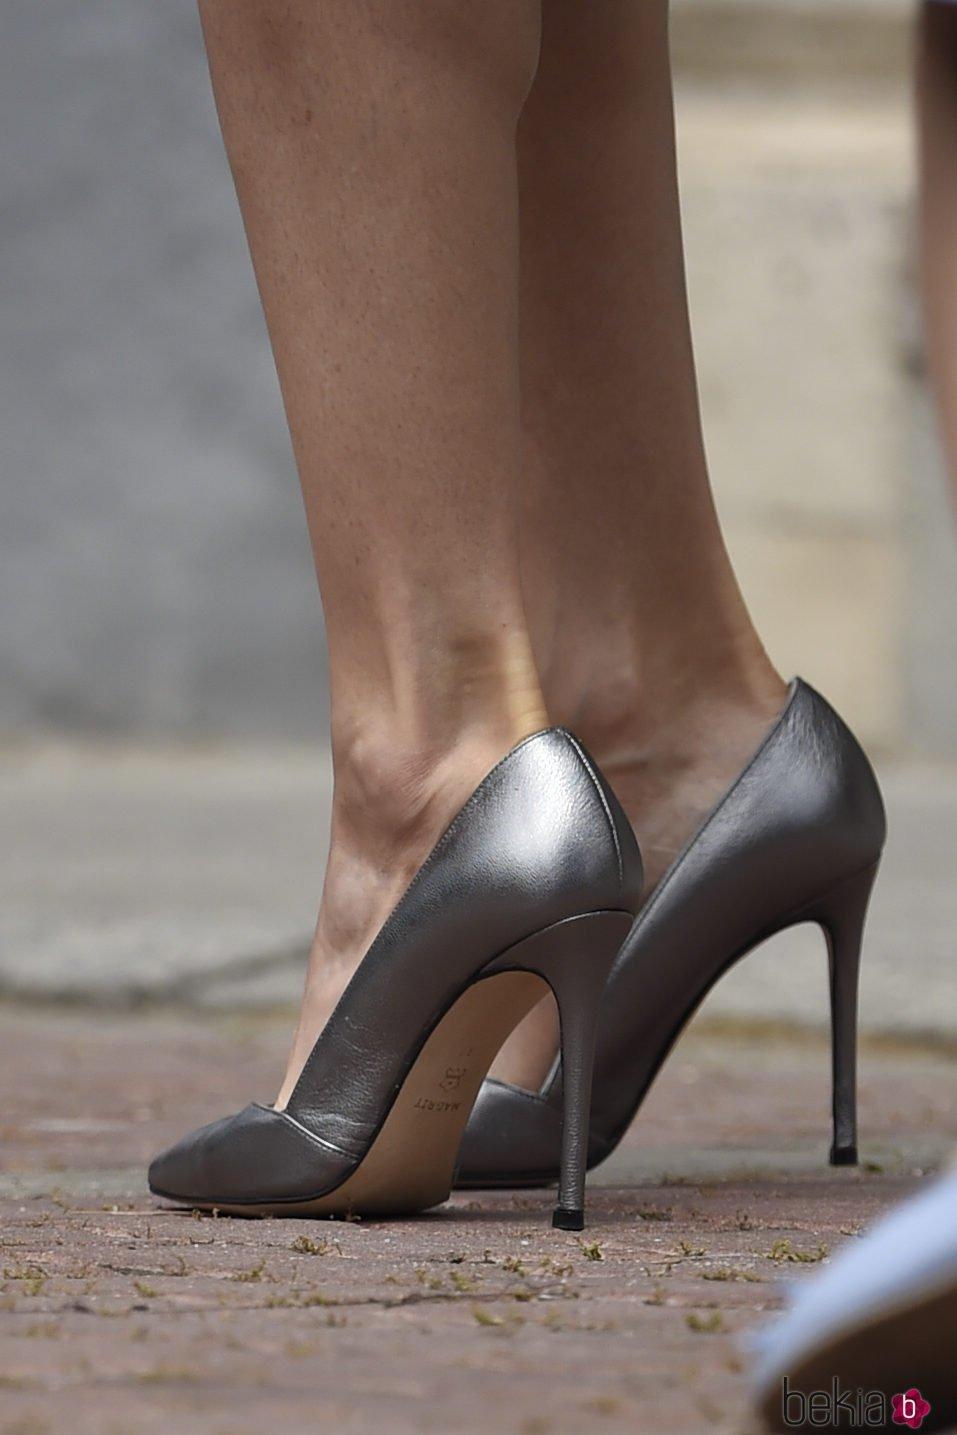 Zapatos de la Reina Letizia el día de la Primera Comunión de la Infanta Sofía